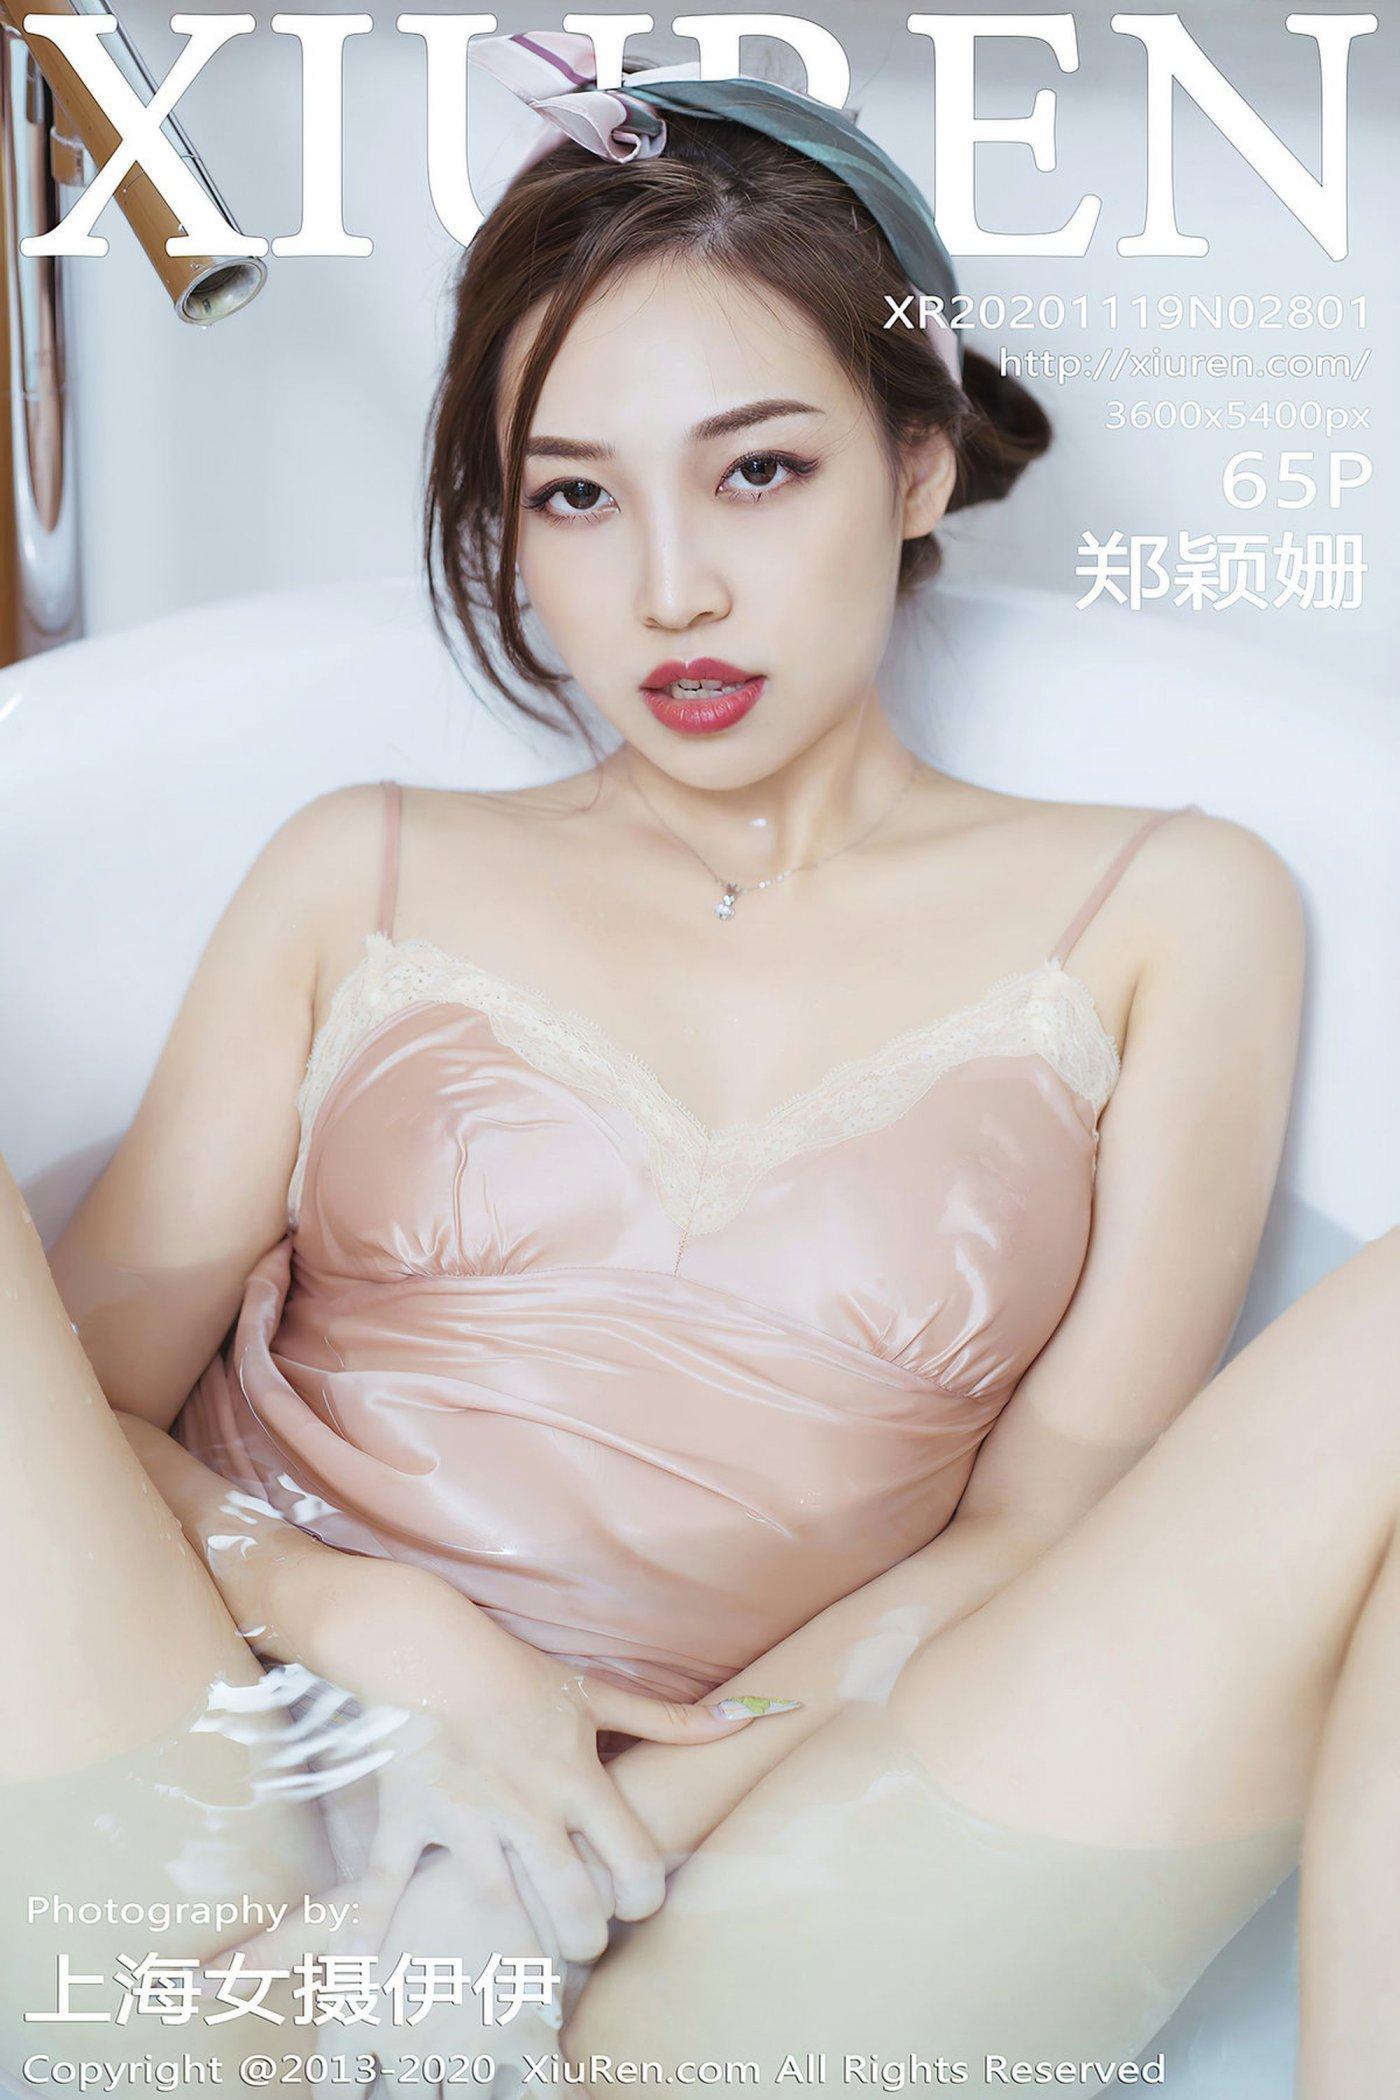 郑颖姗(Vol. 2801) 性感mm-第1张